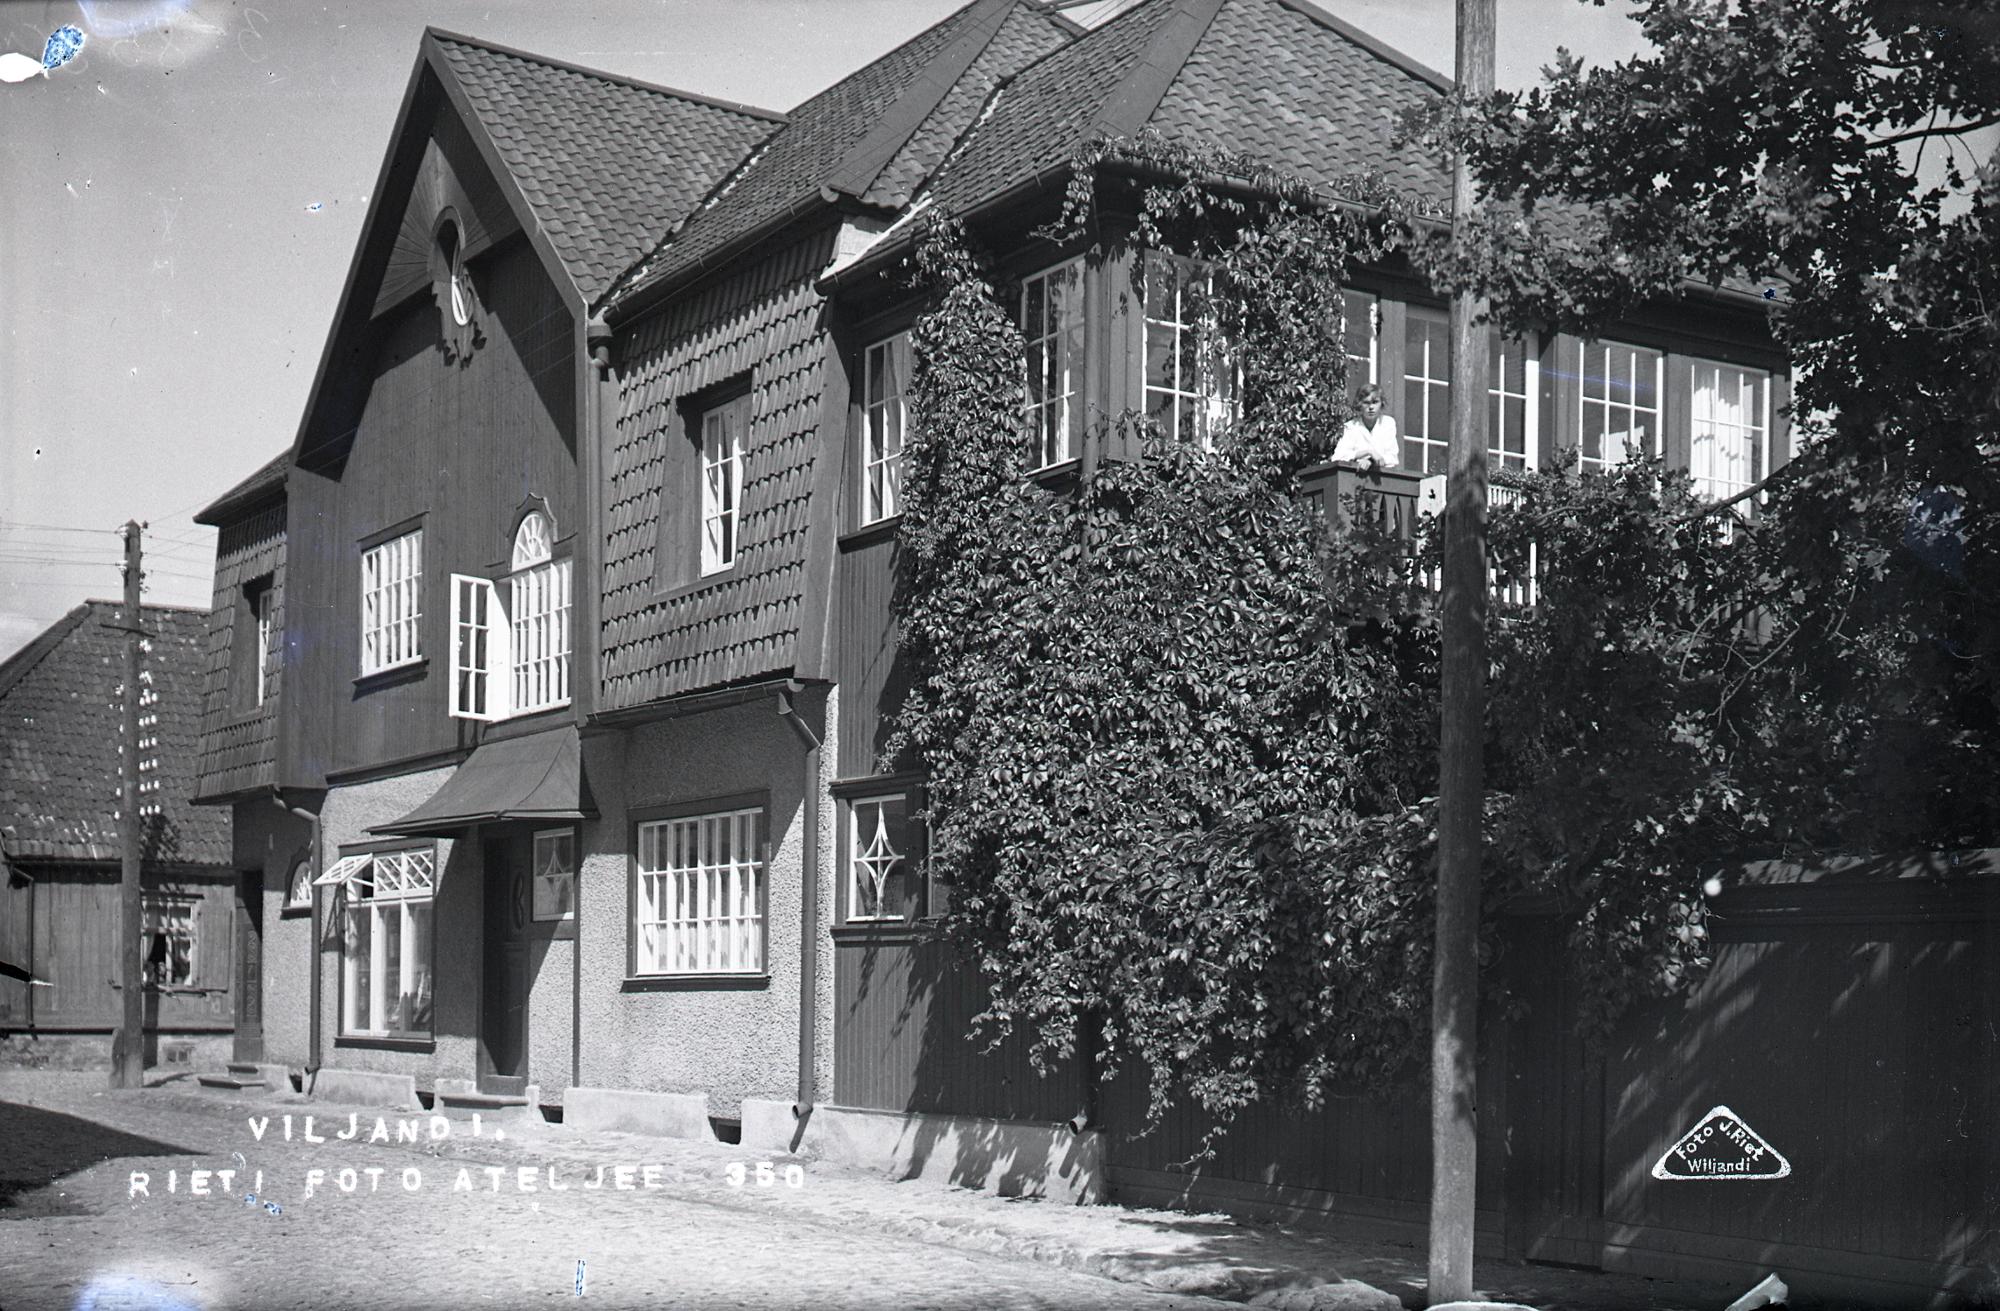 Rieti ateljee, 1925. Jaan Riet, EFA.215.3-8599